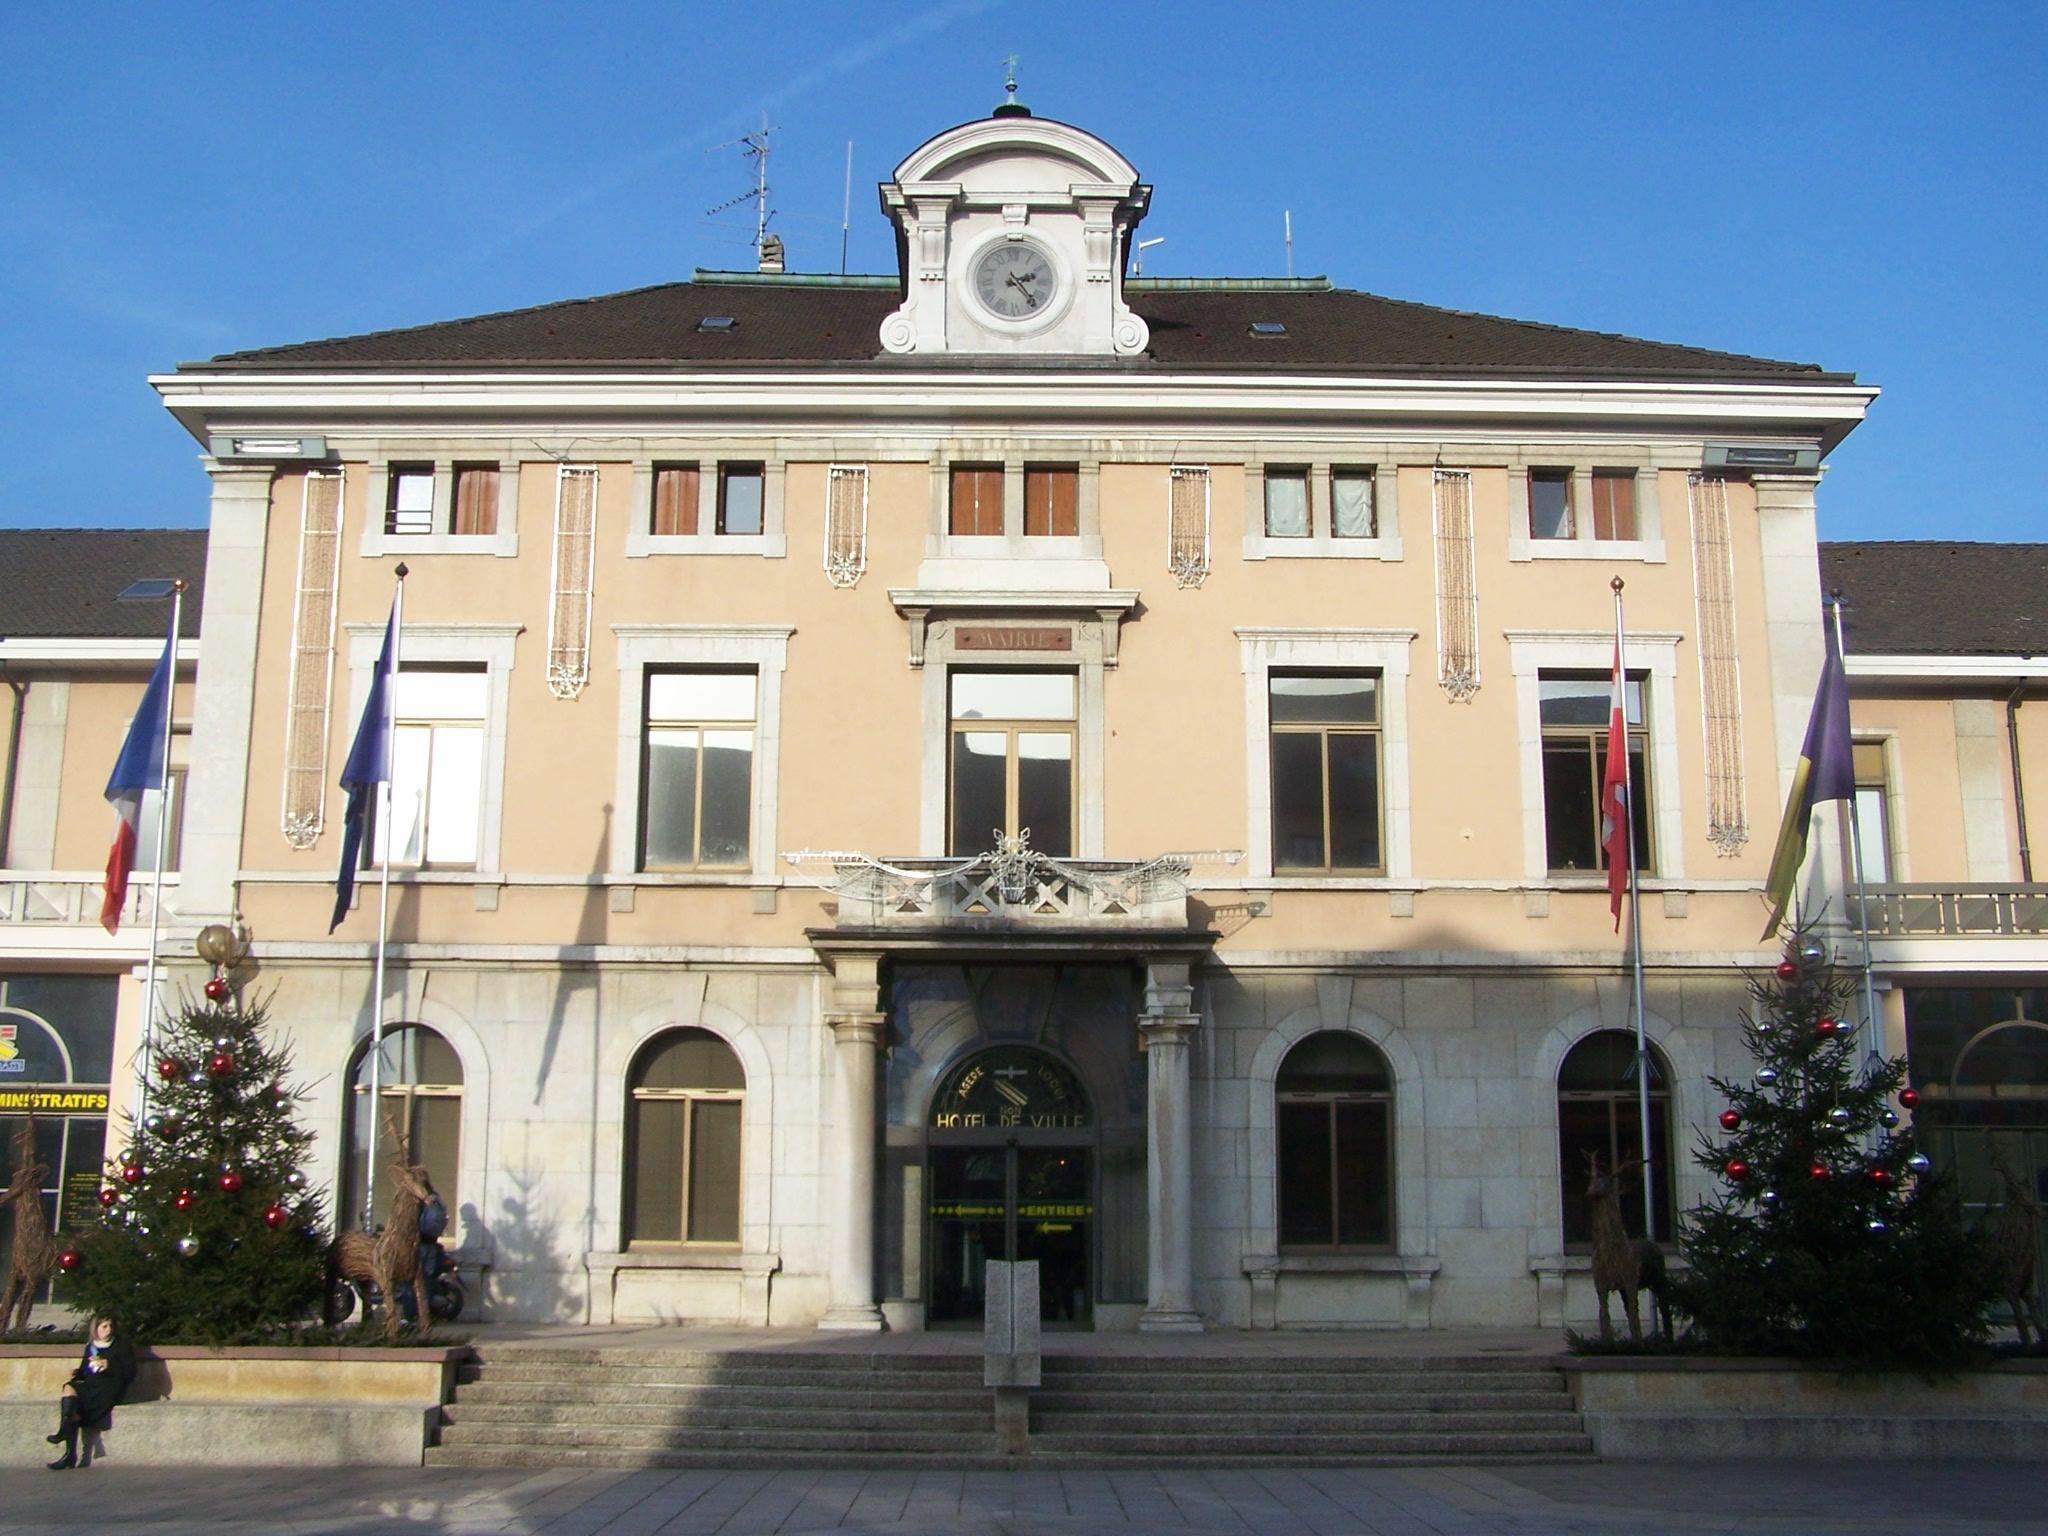 Annemasse France  City pictures : Hôtel de ville Annemasse Wikimedia Commons